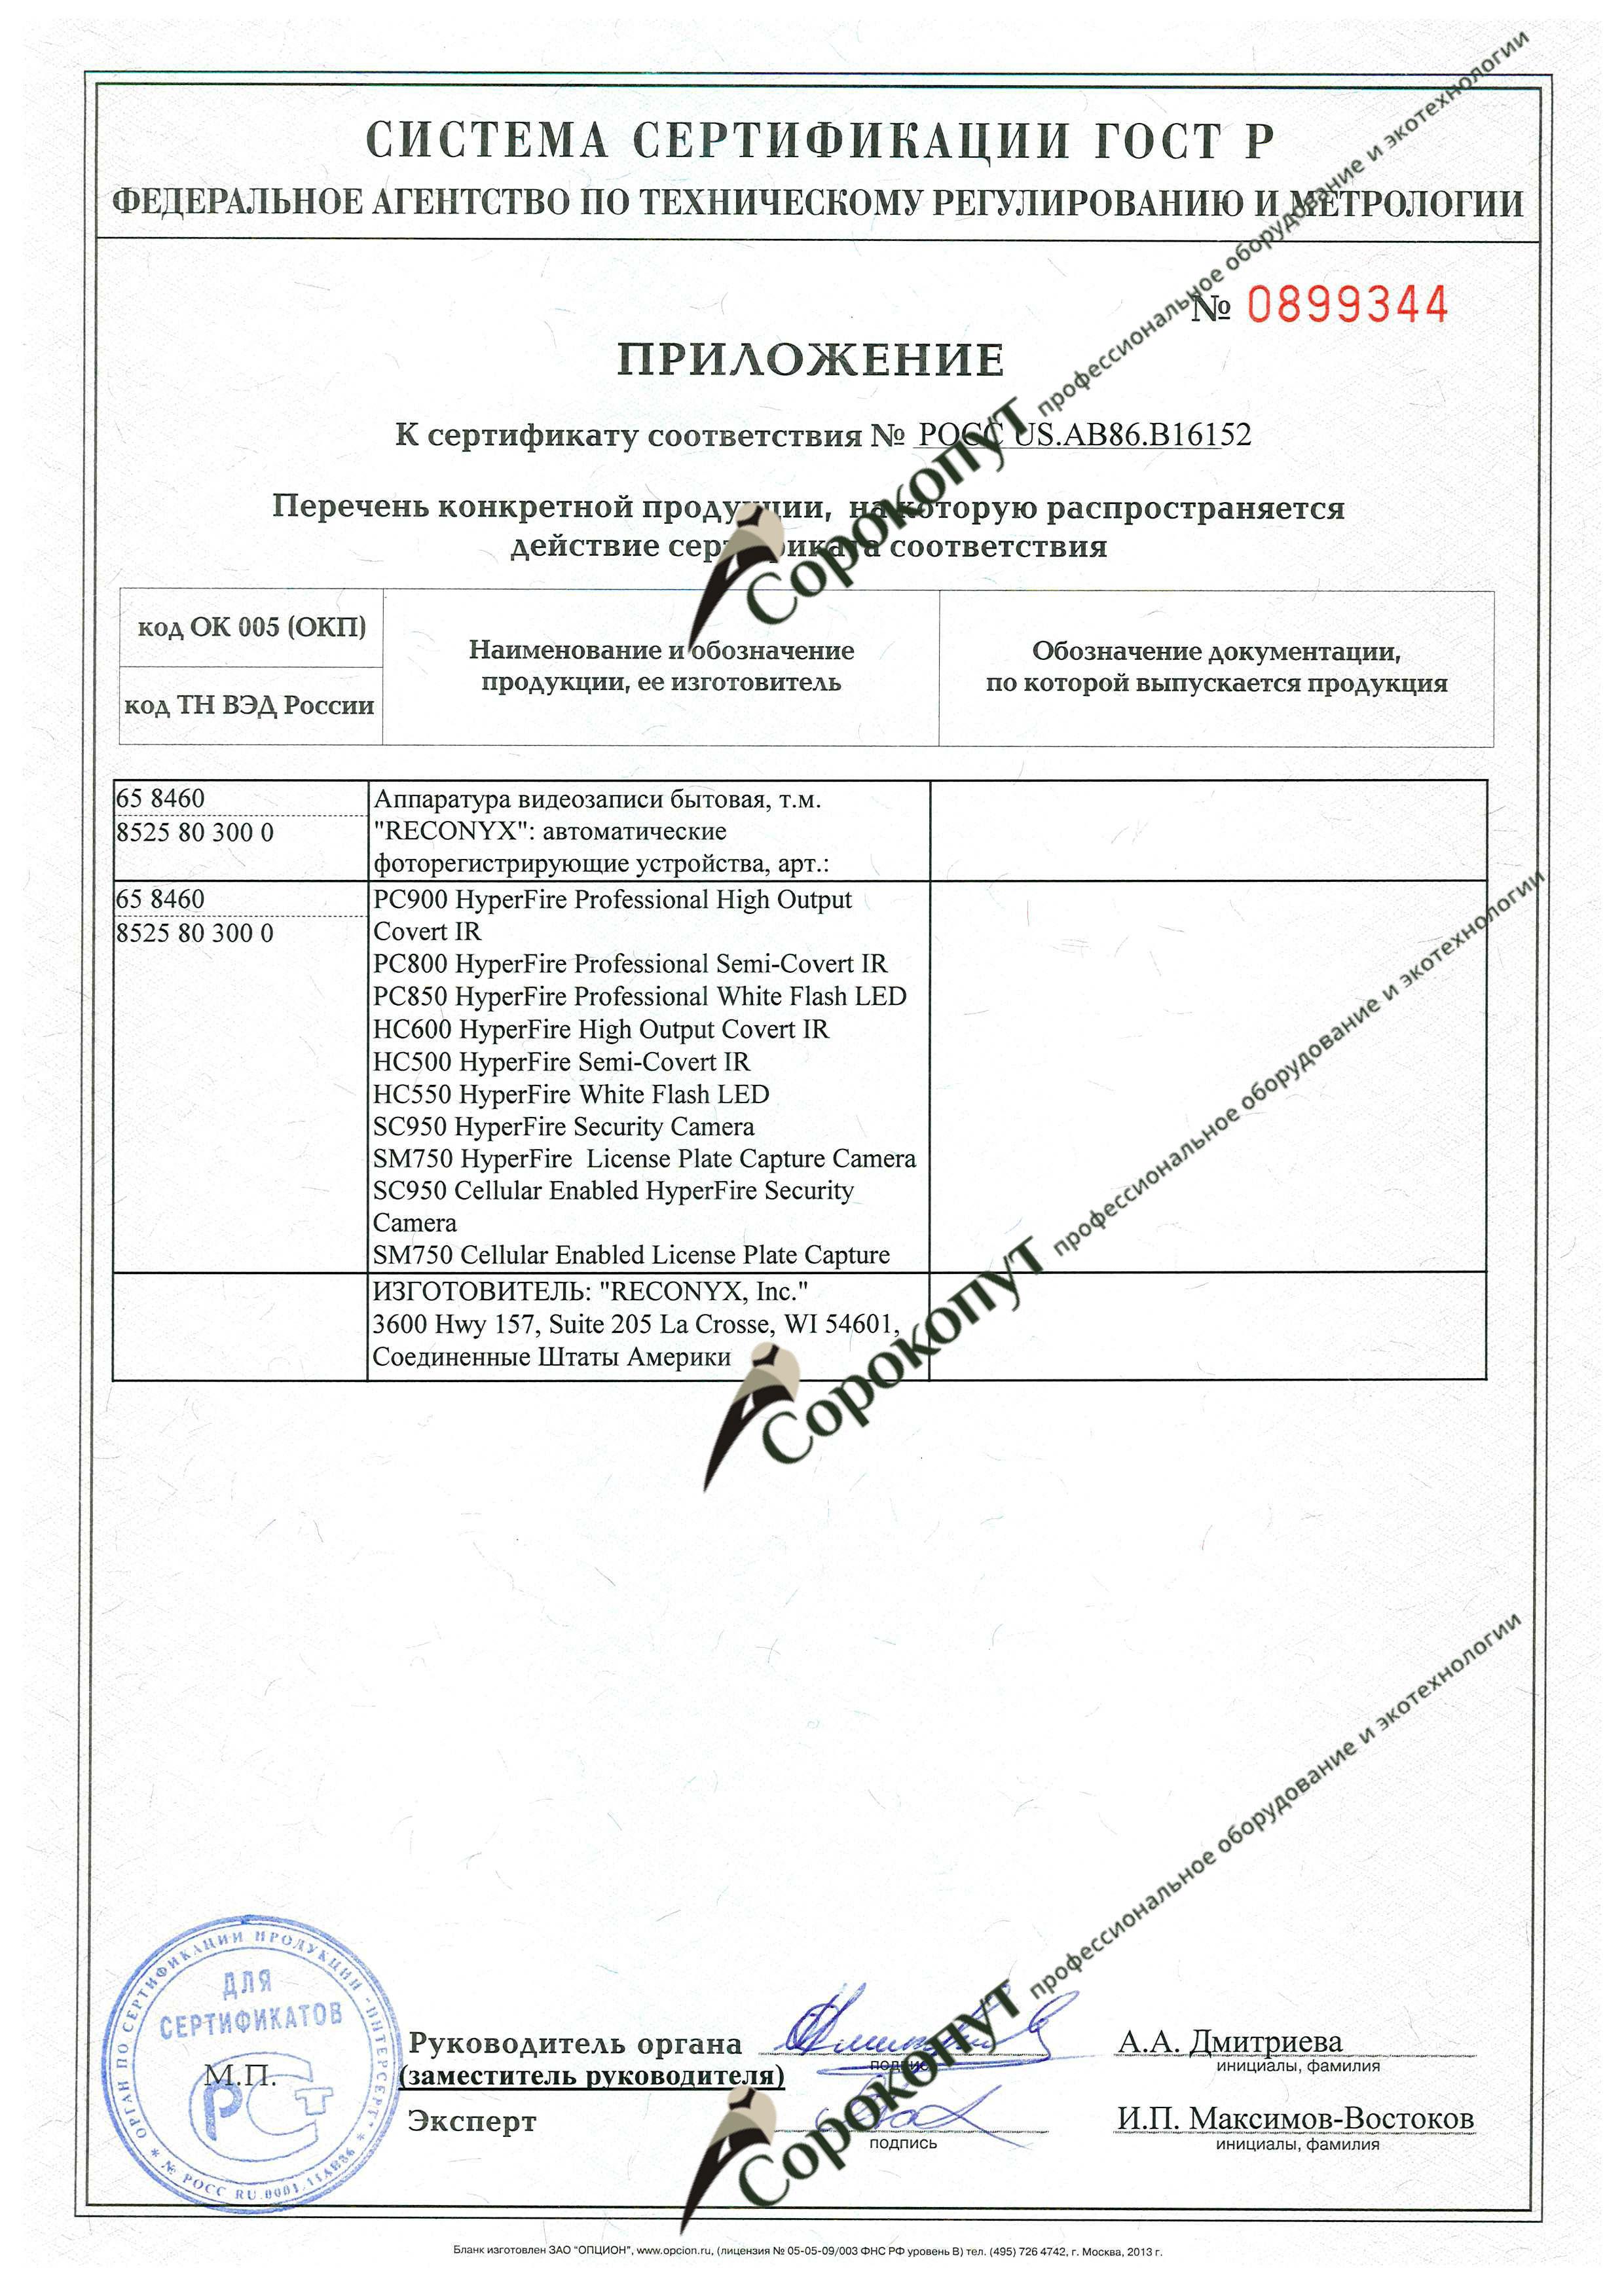 Сертификат фотоловушки Reconyx